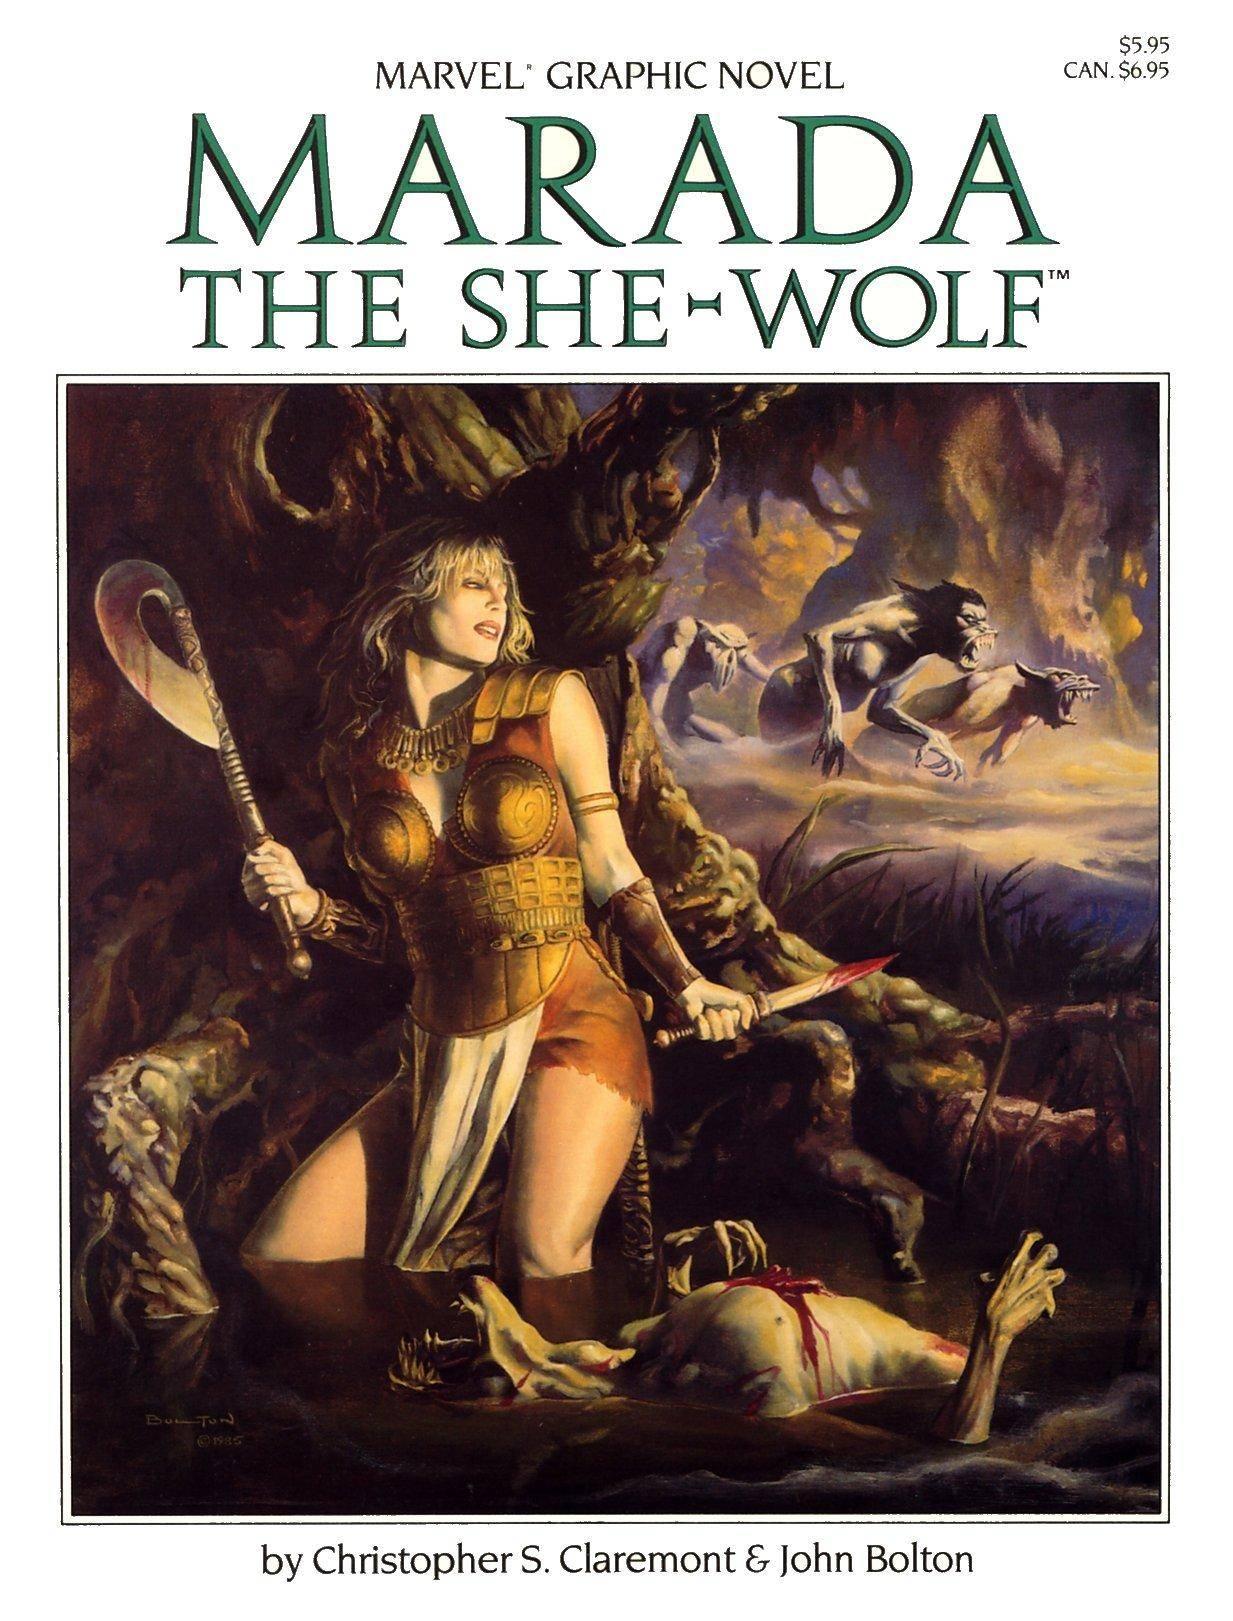 Marvel Graphic Novel 21 - Marada The She-Wolf 1985